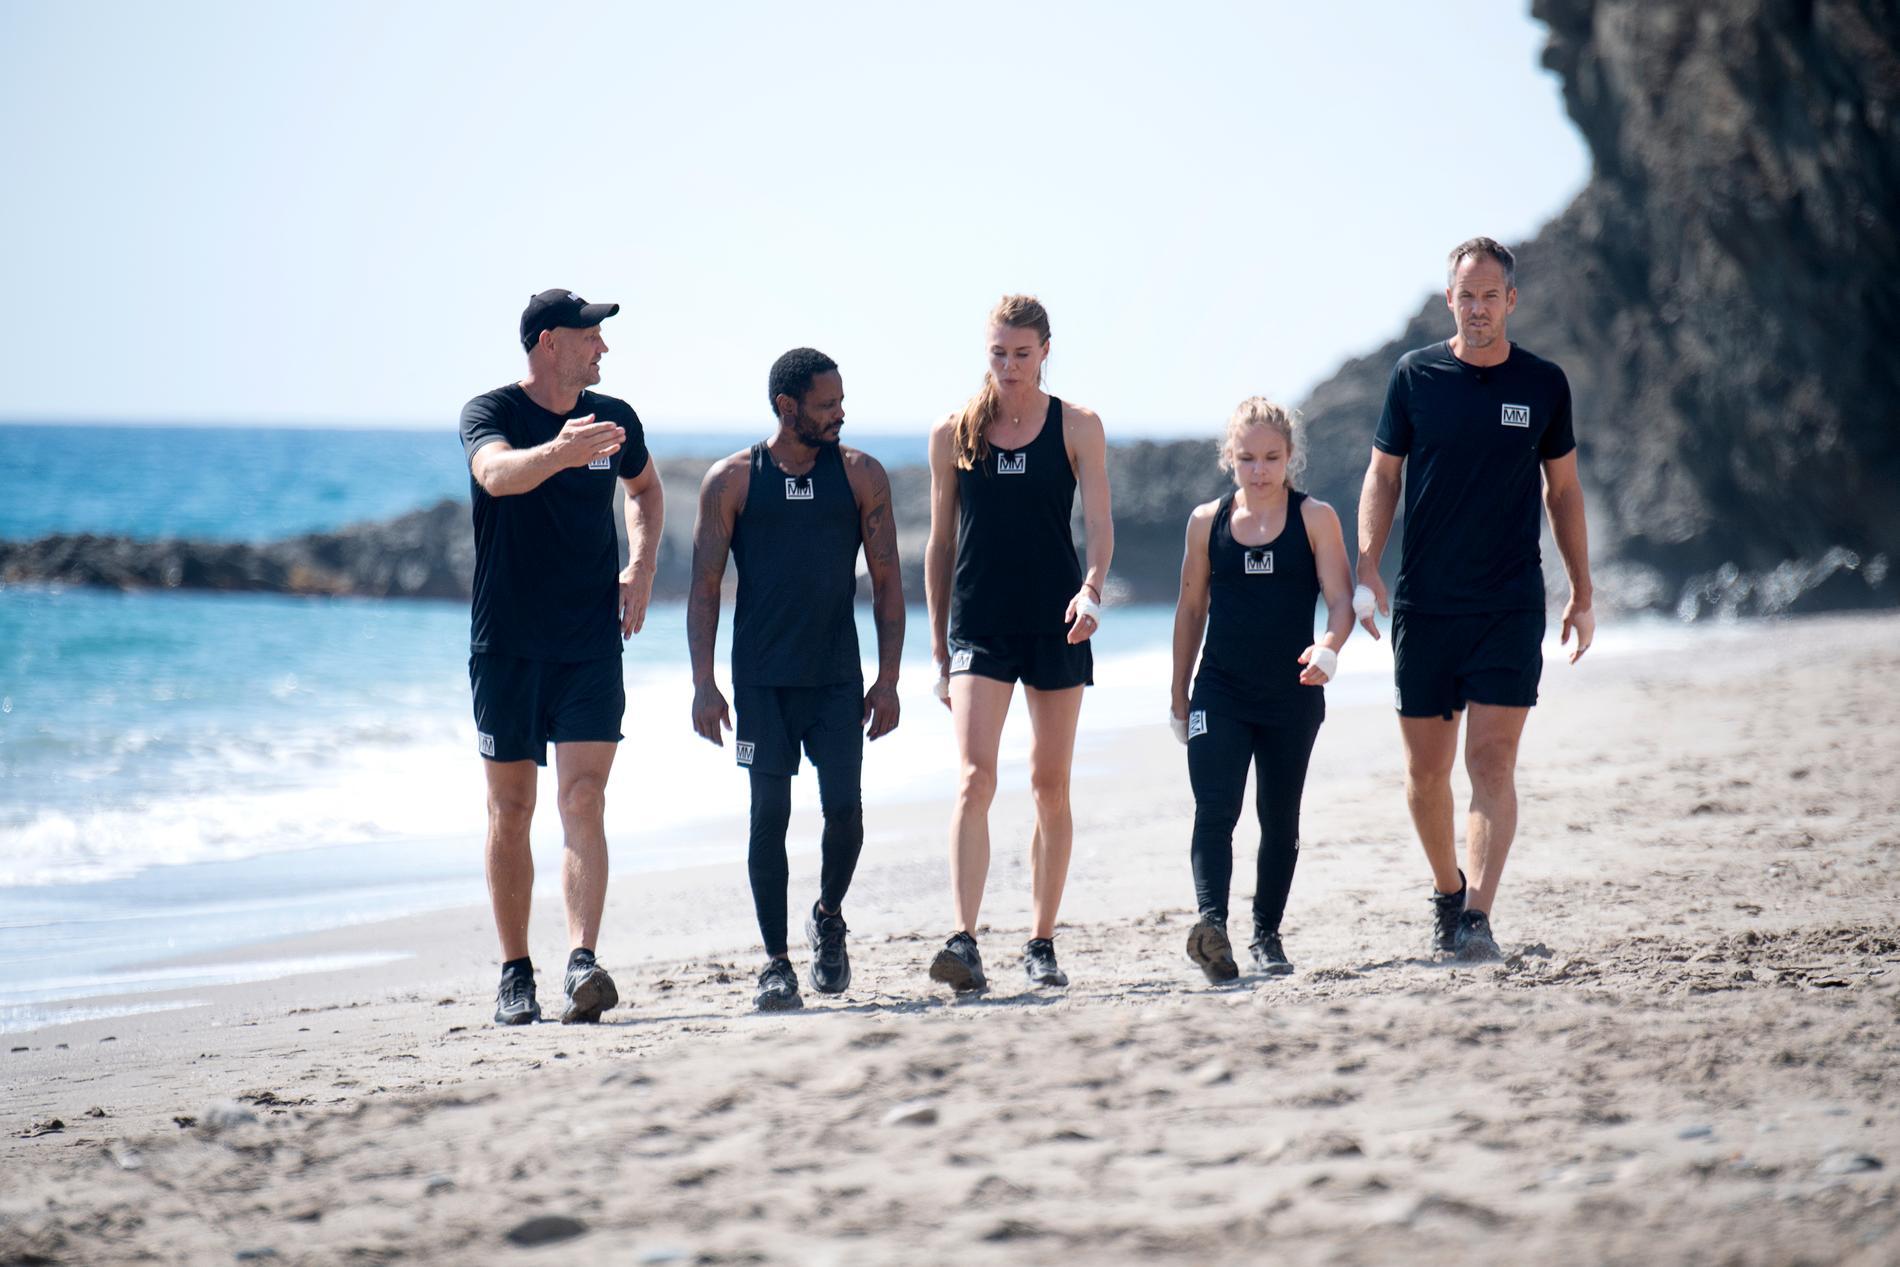 Deltagarna överraskades under fredagen när det helt plötsligt dyker upp en naken man på stranden de ska tävla på.